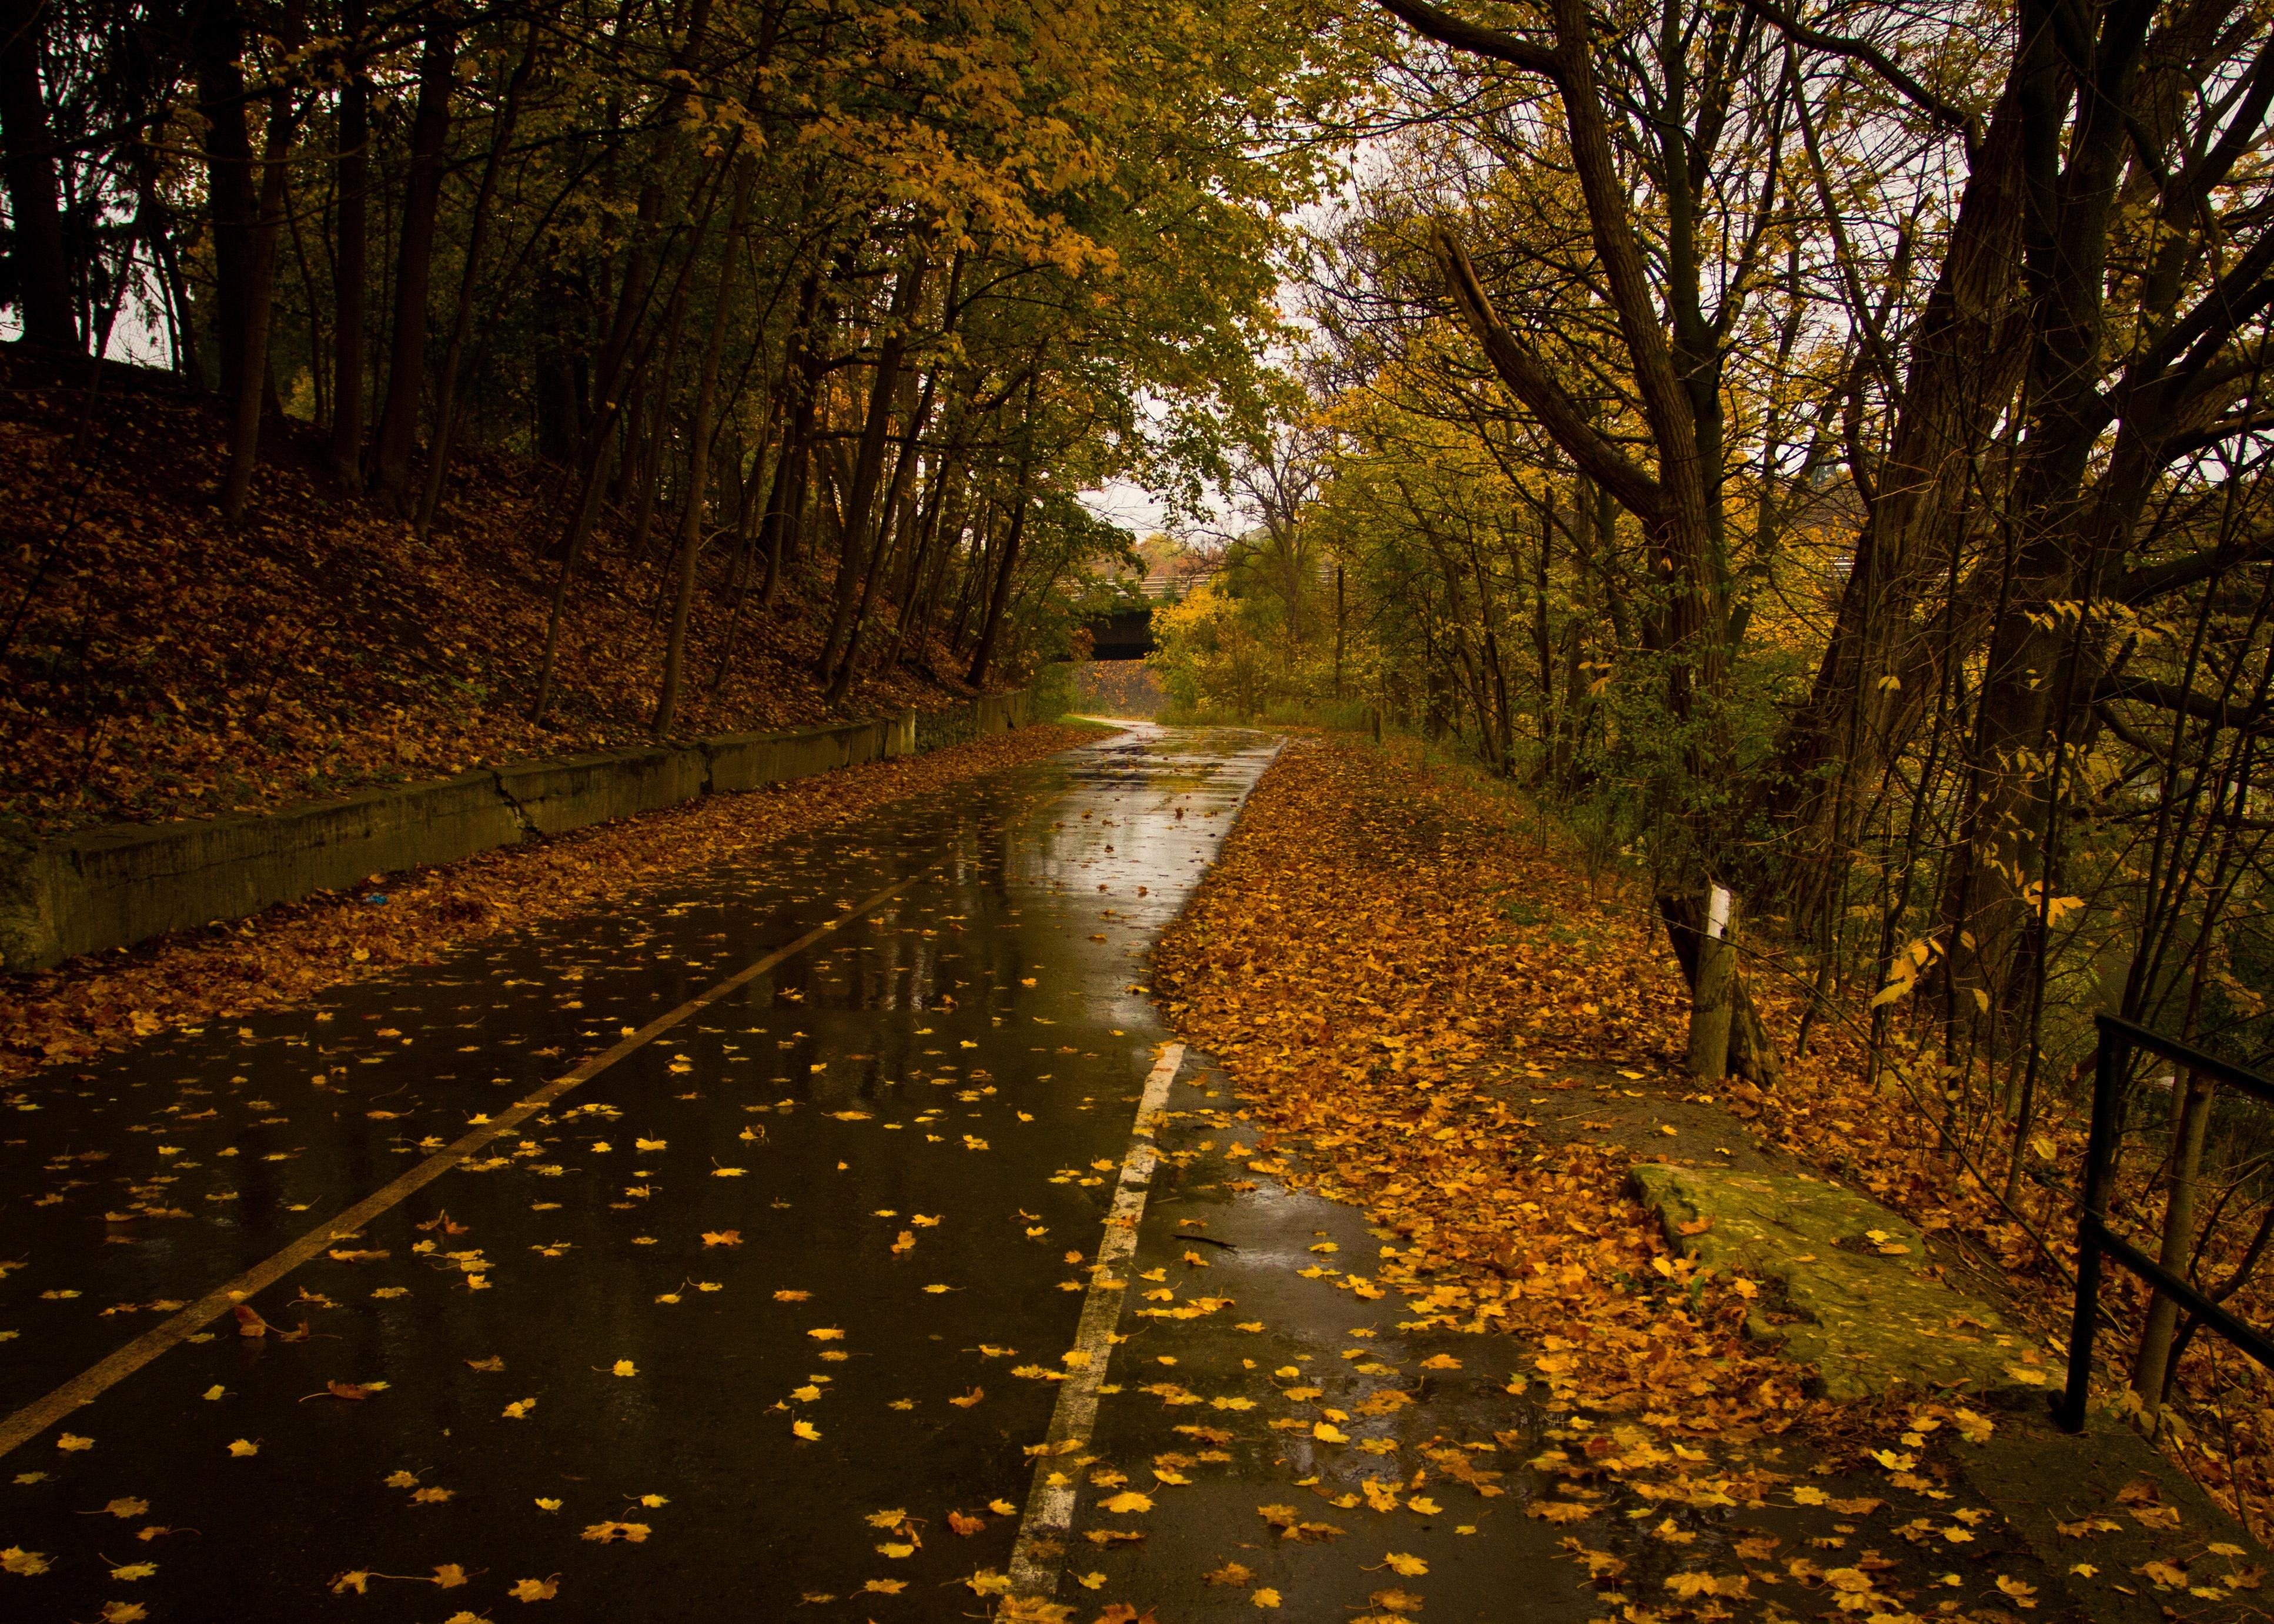 wet_leaves_on_road.jpg